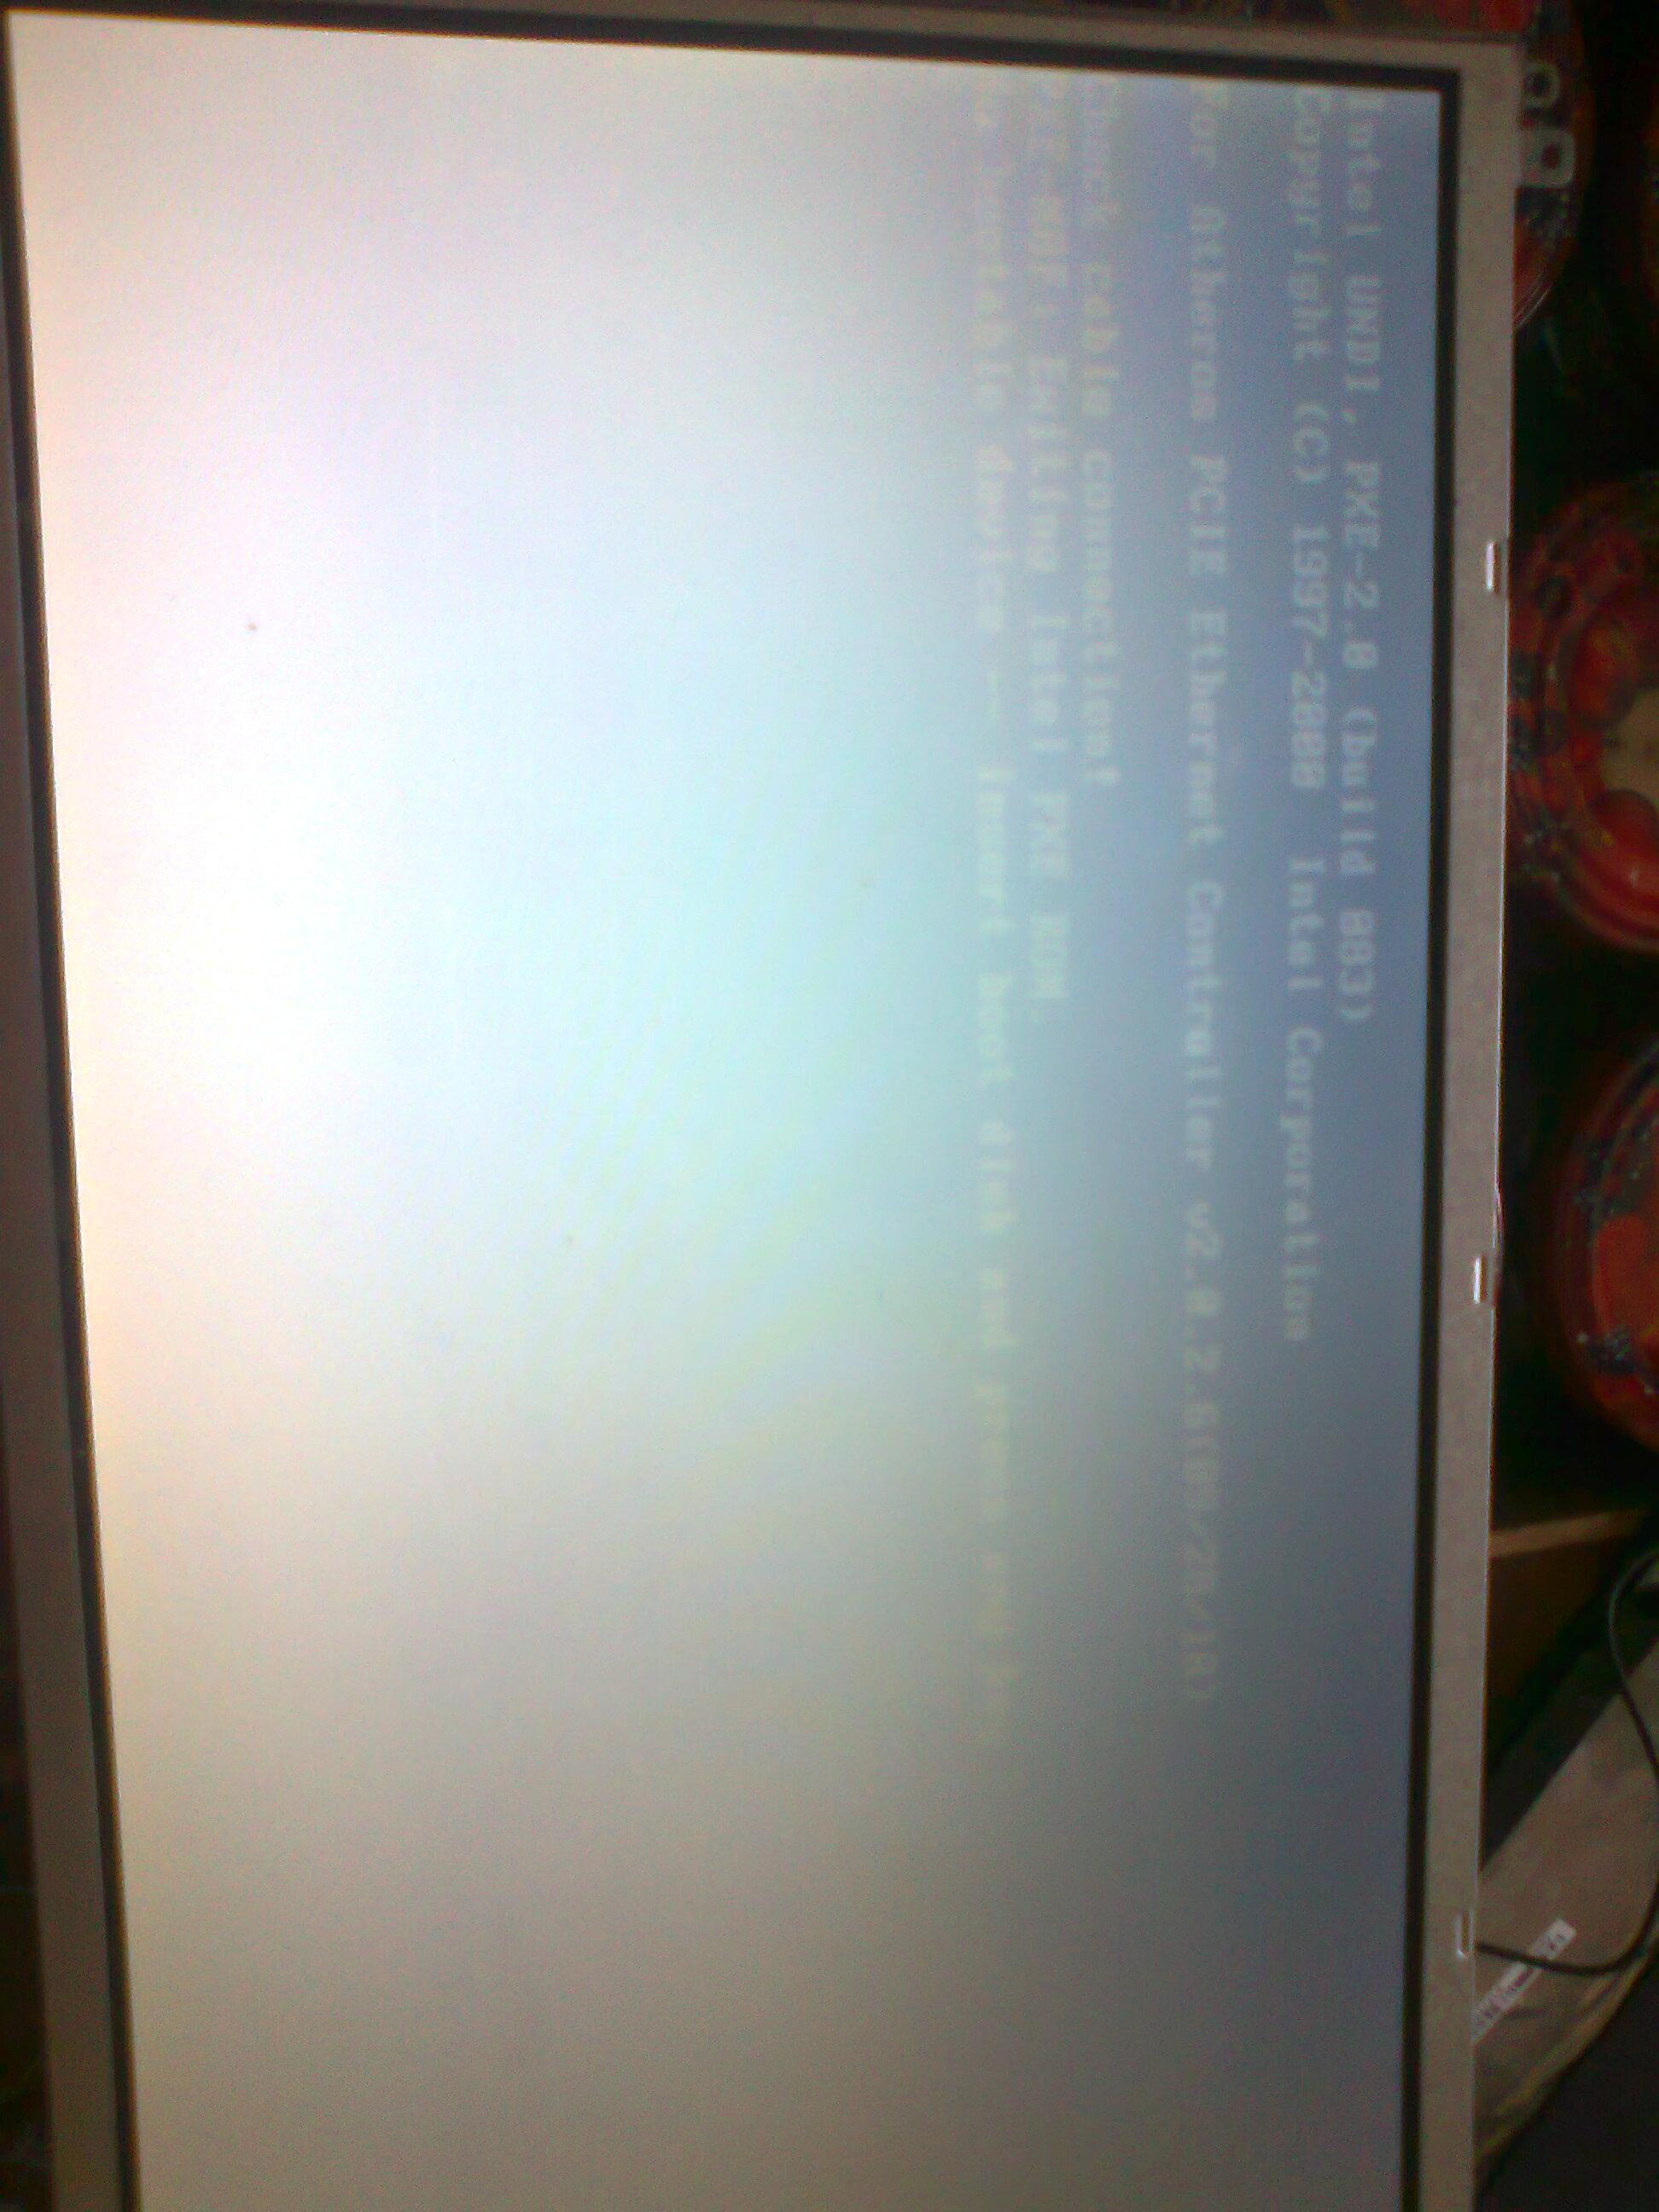 Acer aspire one 722 - Bia�y ekran na matrycy tre�� widoczna pod k�tem